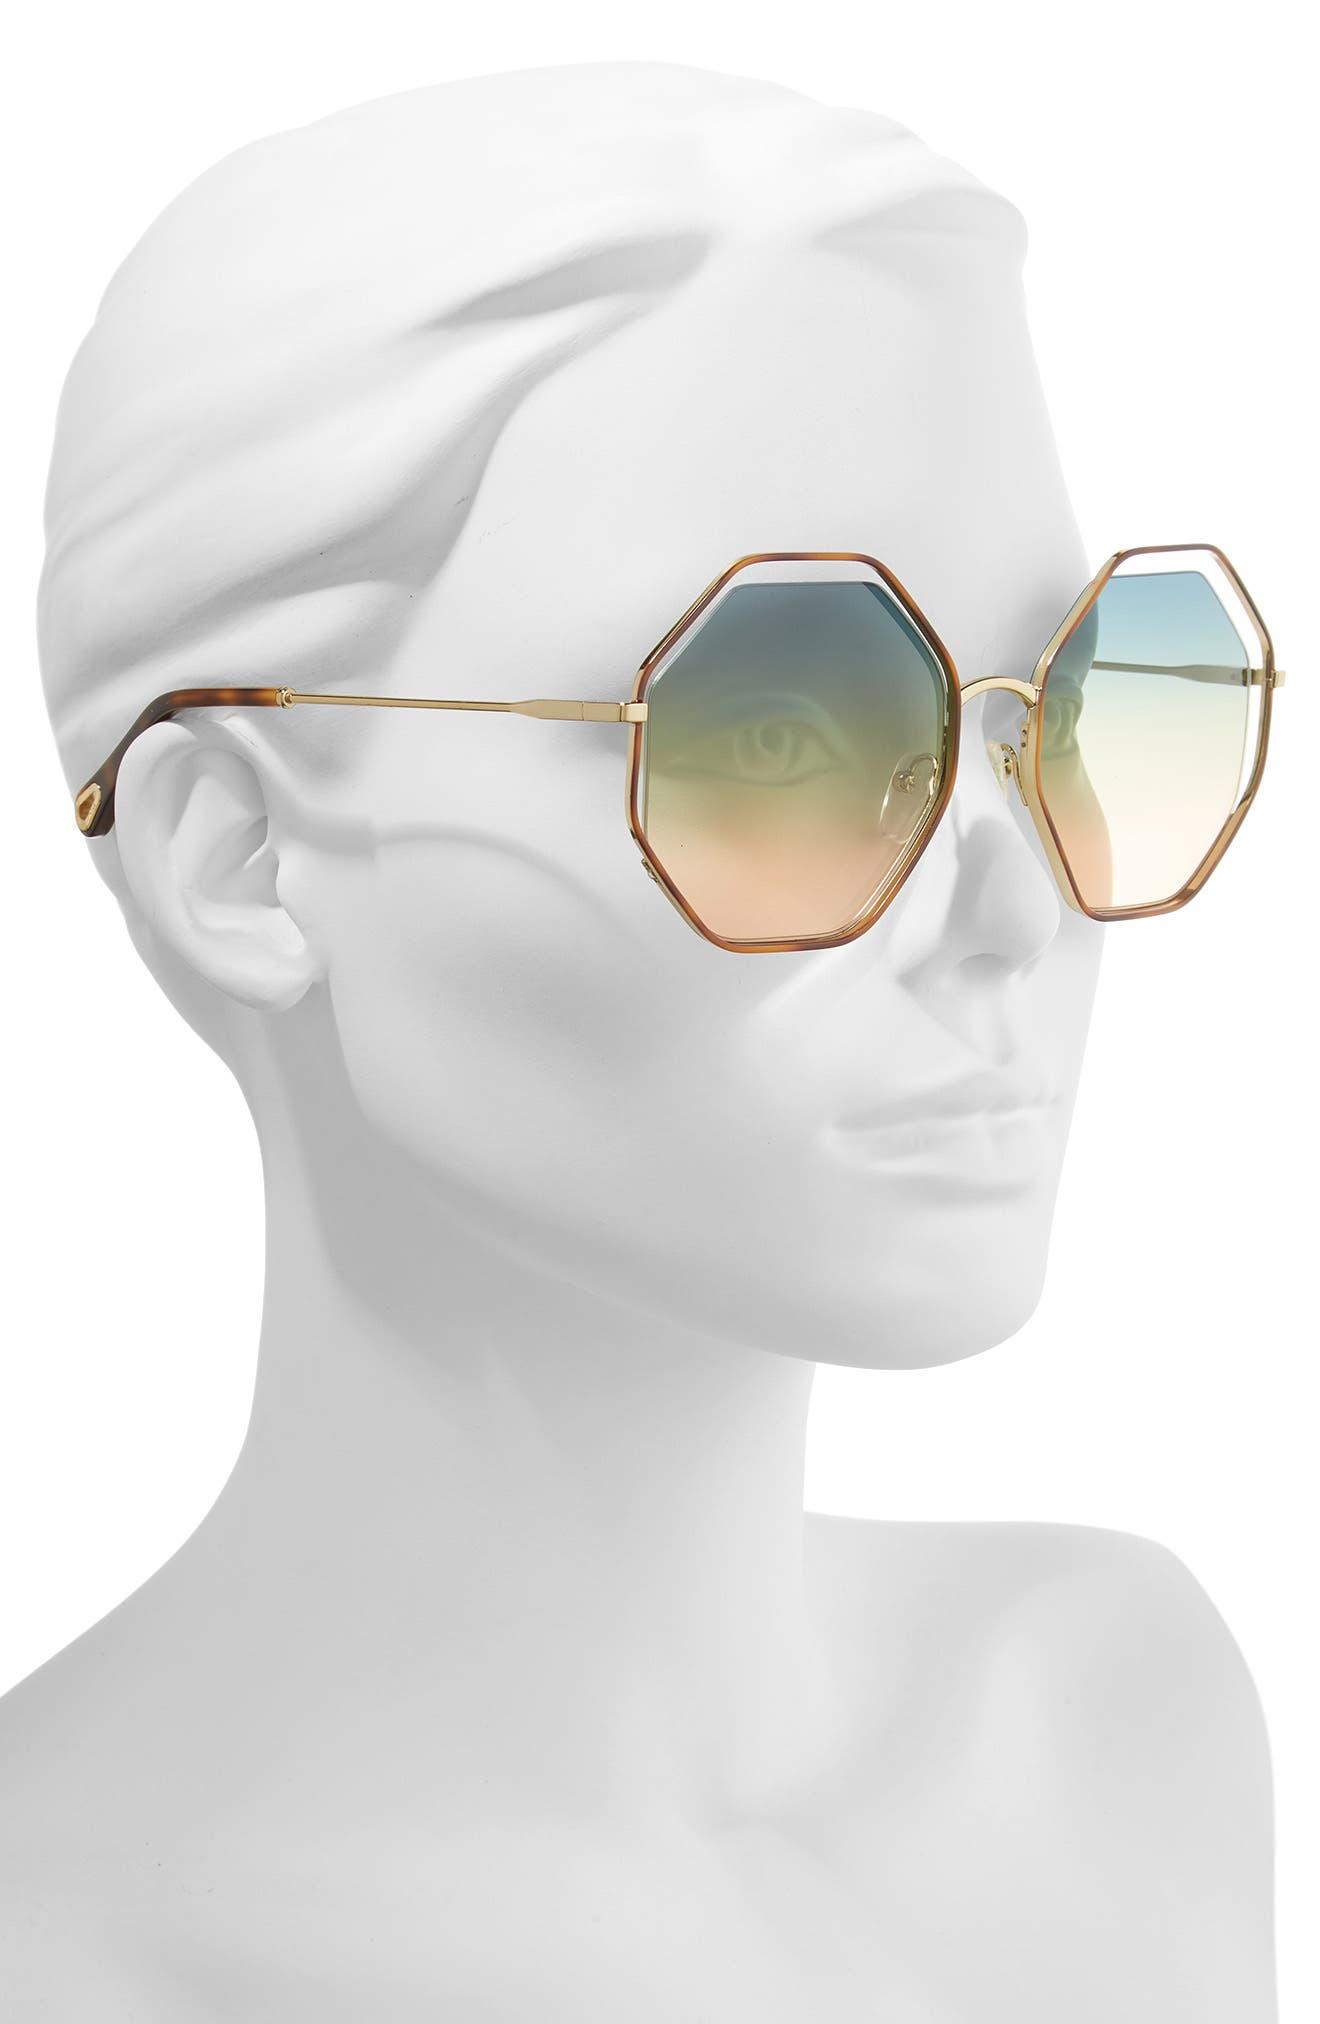 CHLOÉ, 58mm Octagonal Halo Lens Sunglasses, Alternate thumbnail 2, color, HAVANA/ GRADIENT BLUE